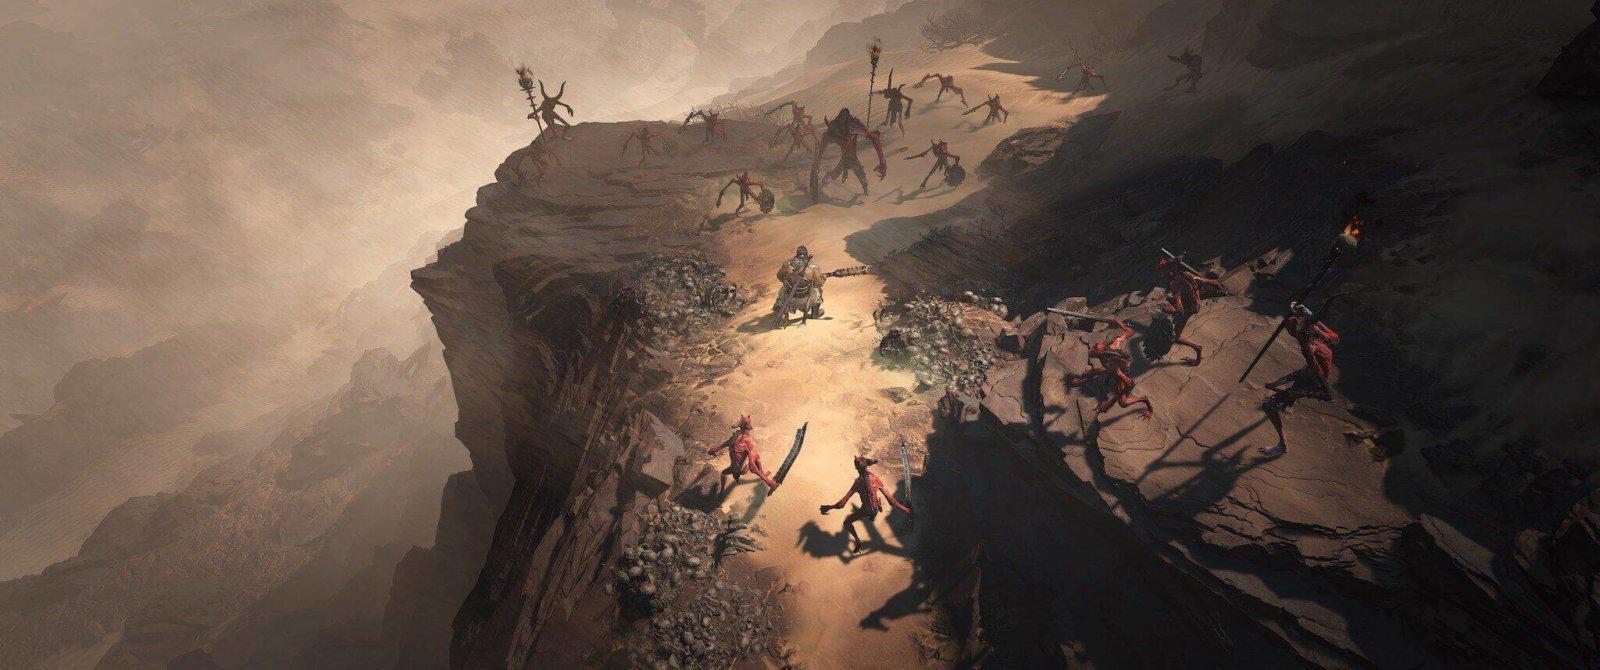 Diablo 4: Combattimento nel Kehjistan - Barbaro vs caduto